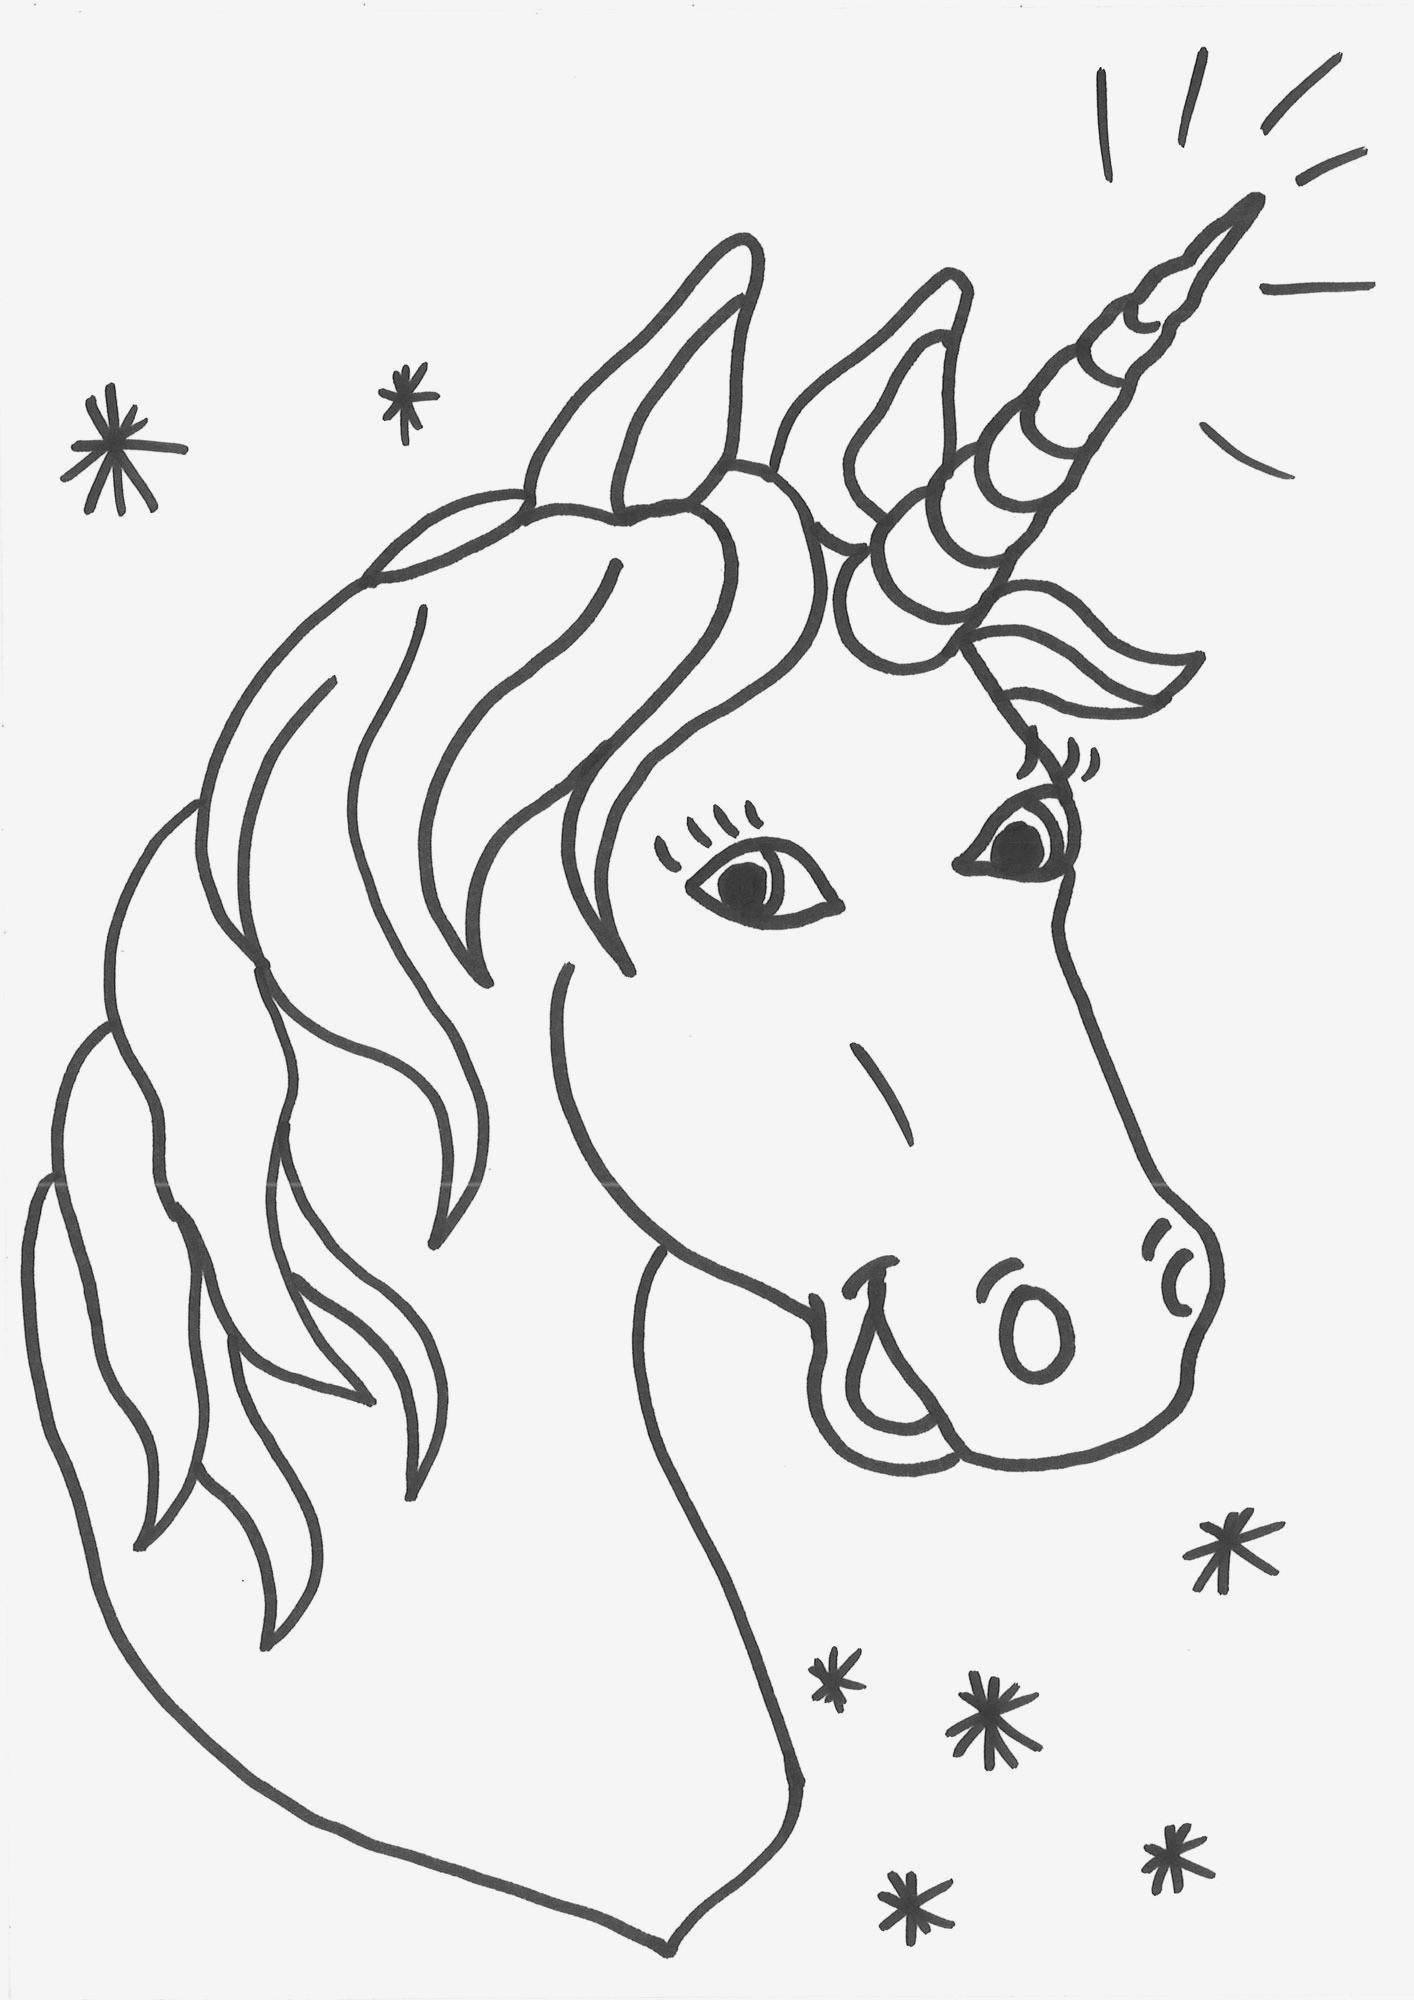 Ausmalbilder My Little Pony Equestria Das Beste Von My Little Pony Ausmalbilder Zum Ausdrucken Kostenlos Awesome My Das Bild